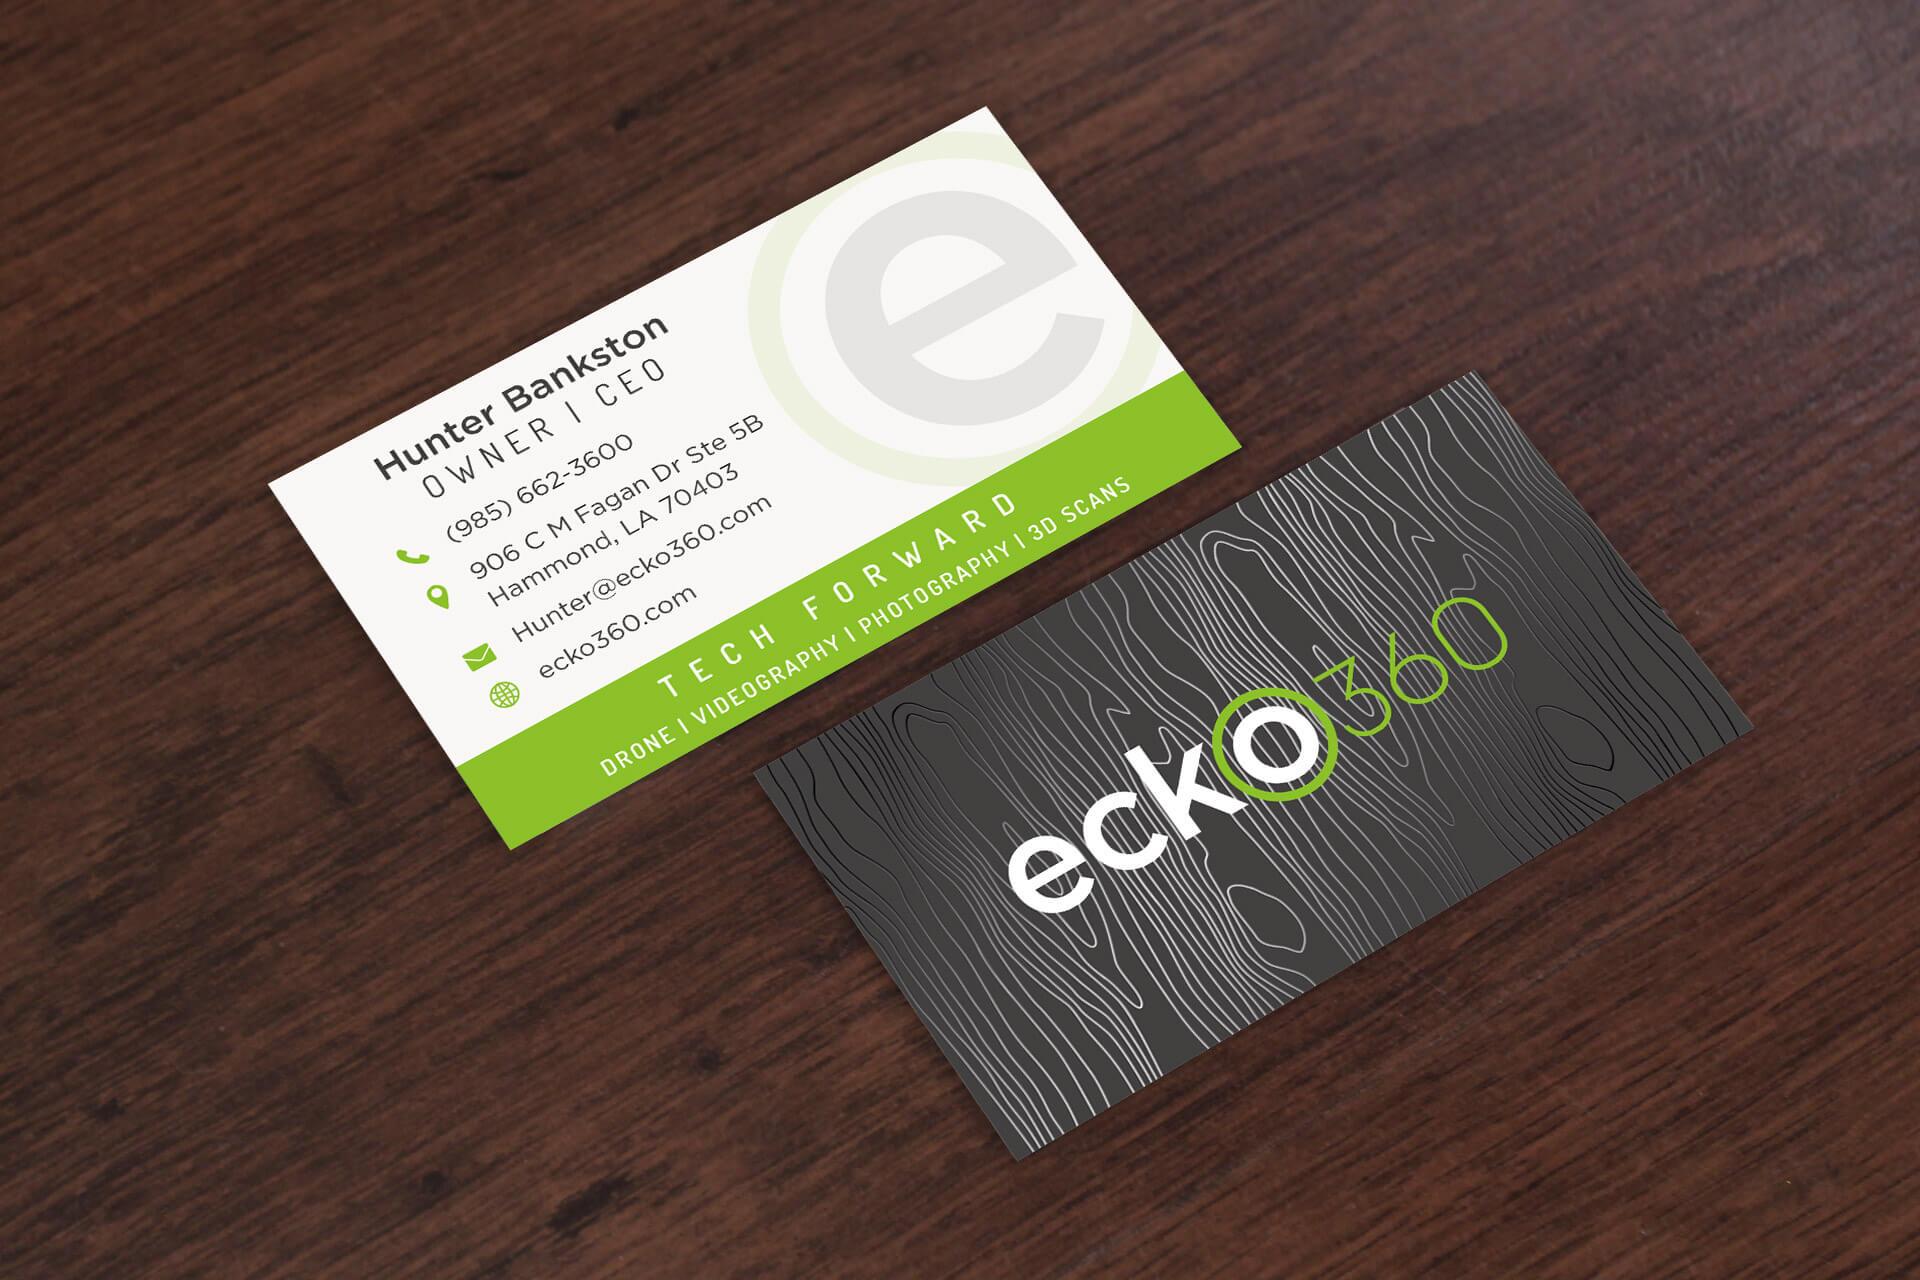 ecko360 anntoine marketing design